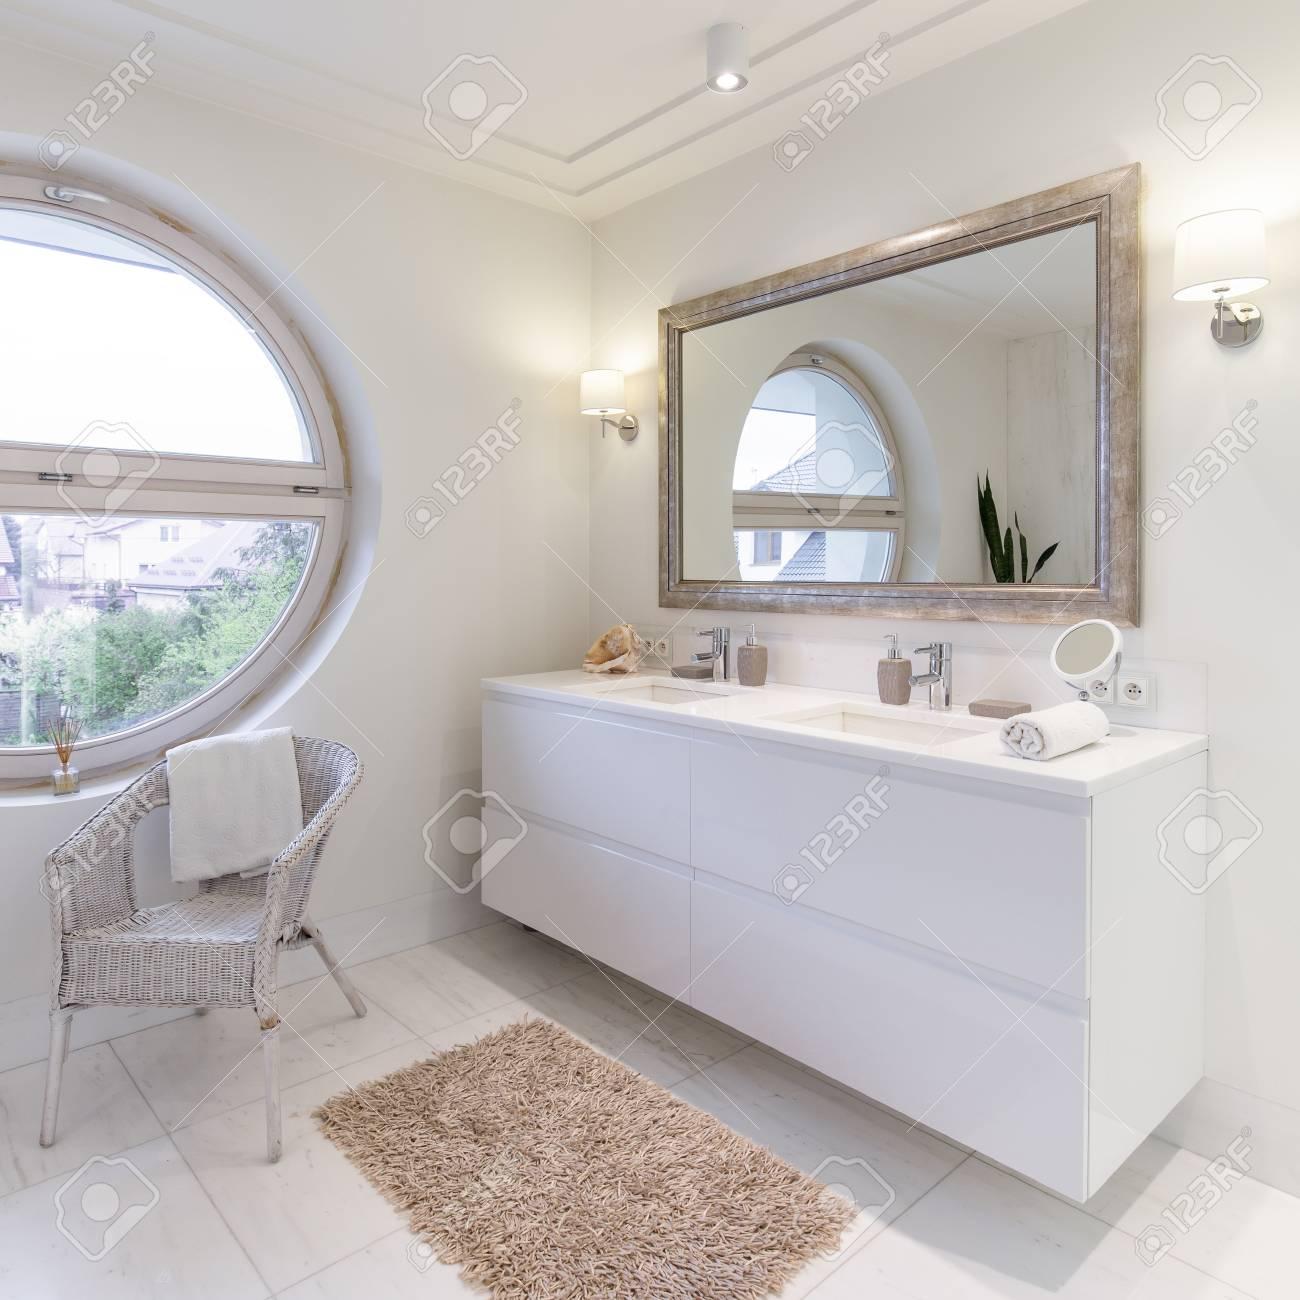 Salle De Bain Spacieuse Avec Carrelage Blanc Brillant Grand Miroir Et Fenetre Ronde Banque D Images Et Photos Libres De Droits Image 81575766